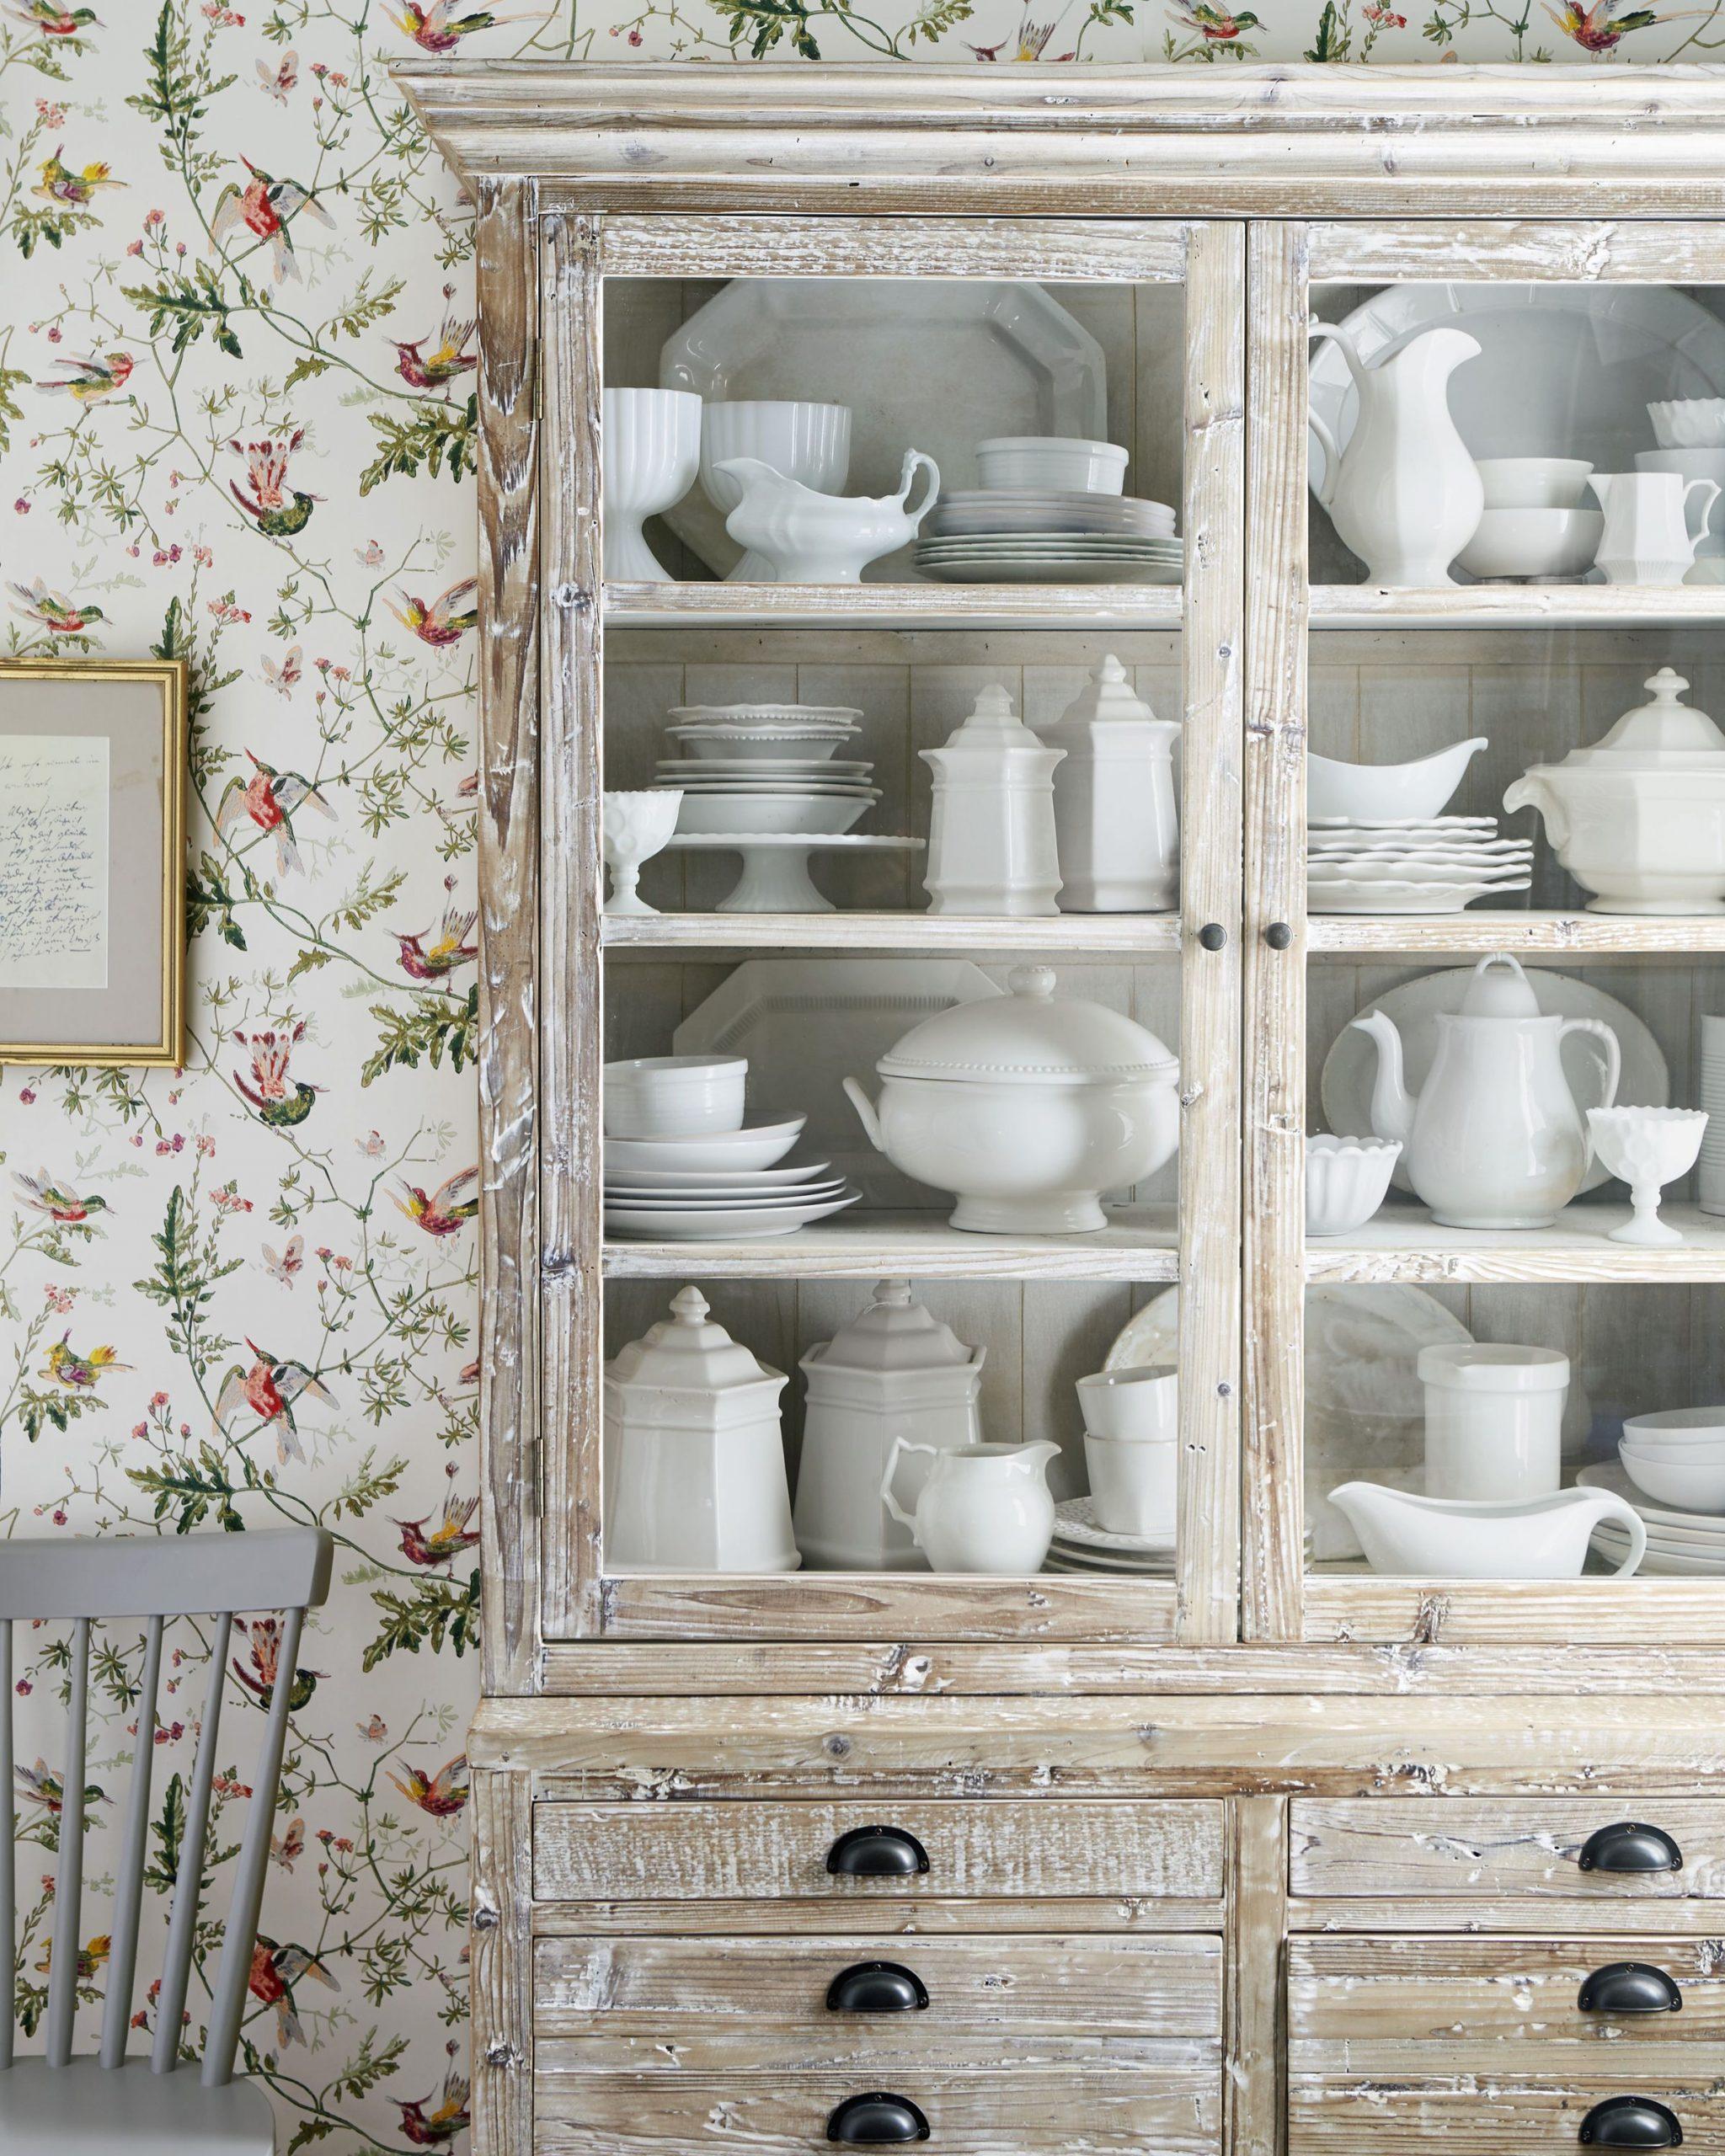 Vintage διακόσμηση στο σπίτι: σύνθετο αντίκα με vintage κουζινικά